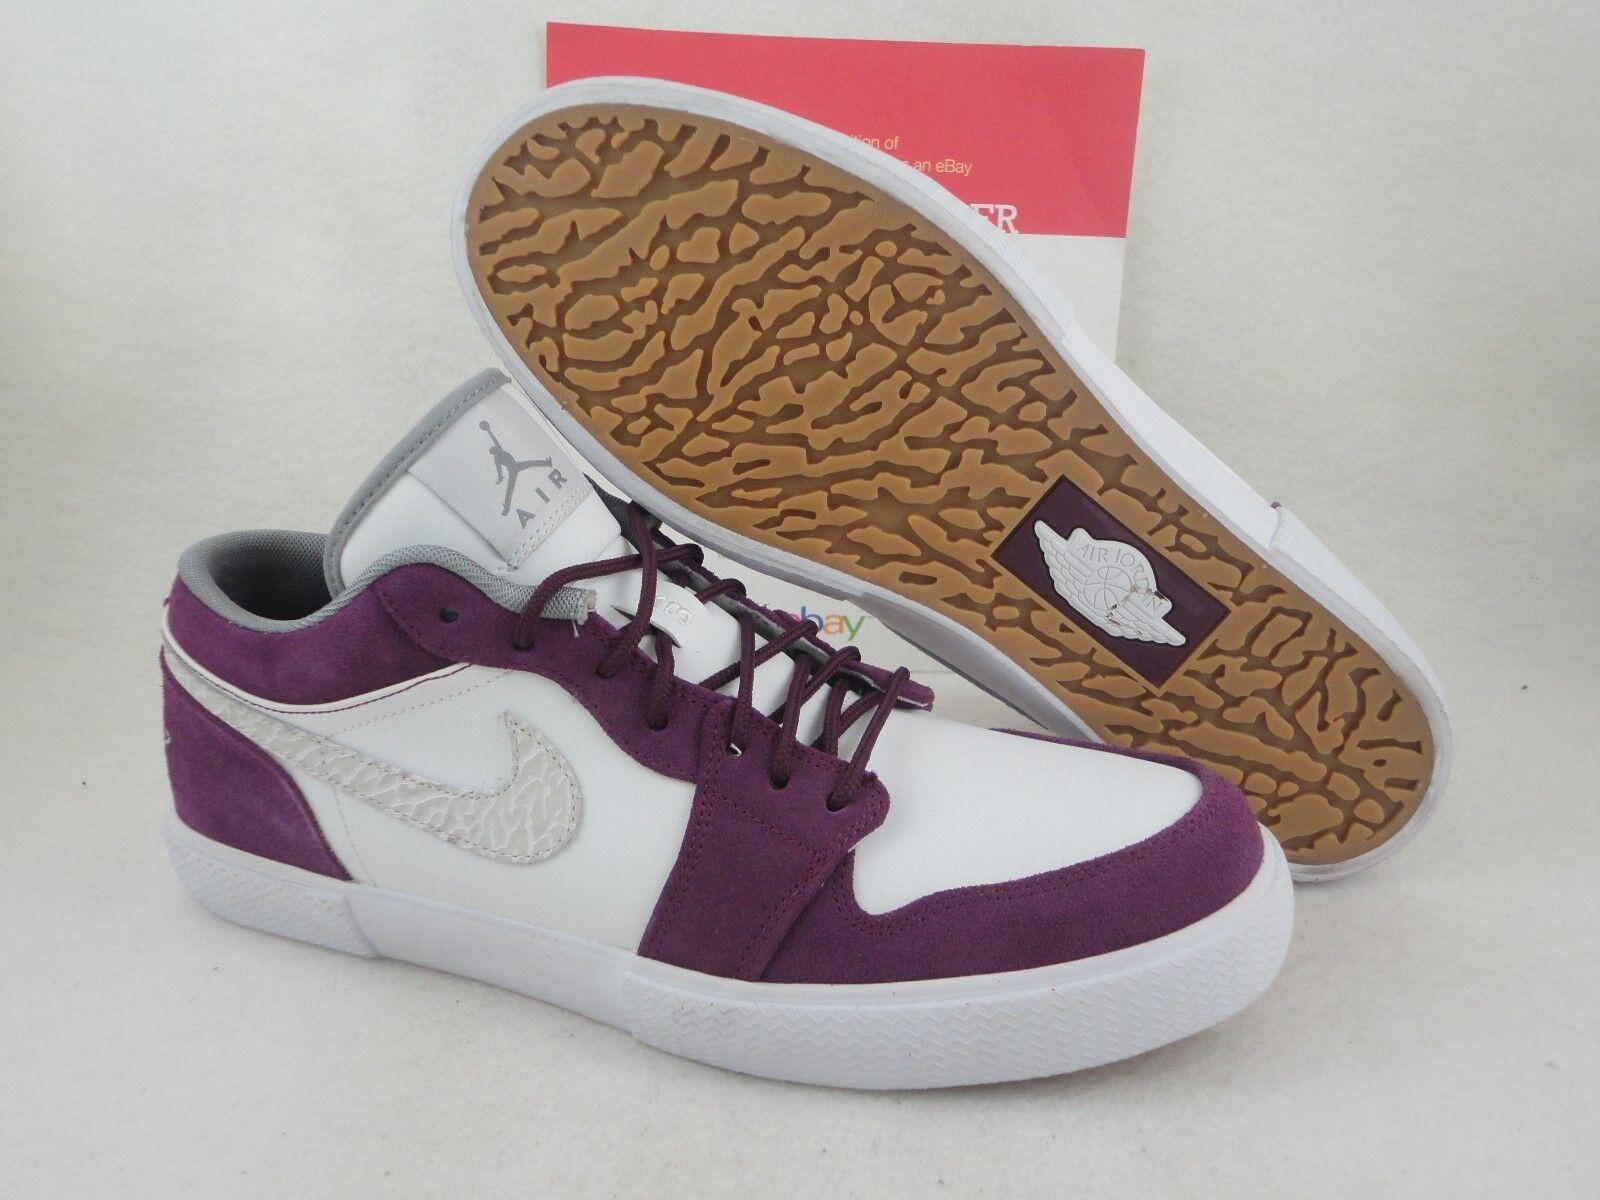 Nike Air Jordan Retro V.1, 2012 DS, White / Bordeaux, Leather Suede Gum, Sz 10.5